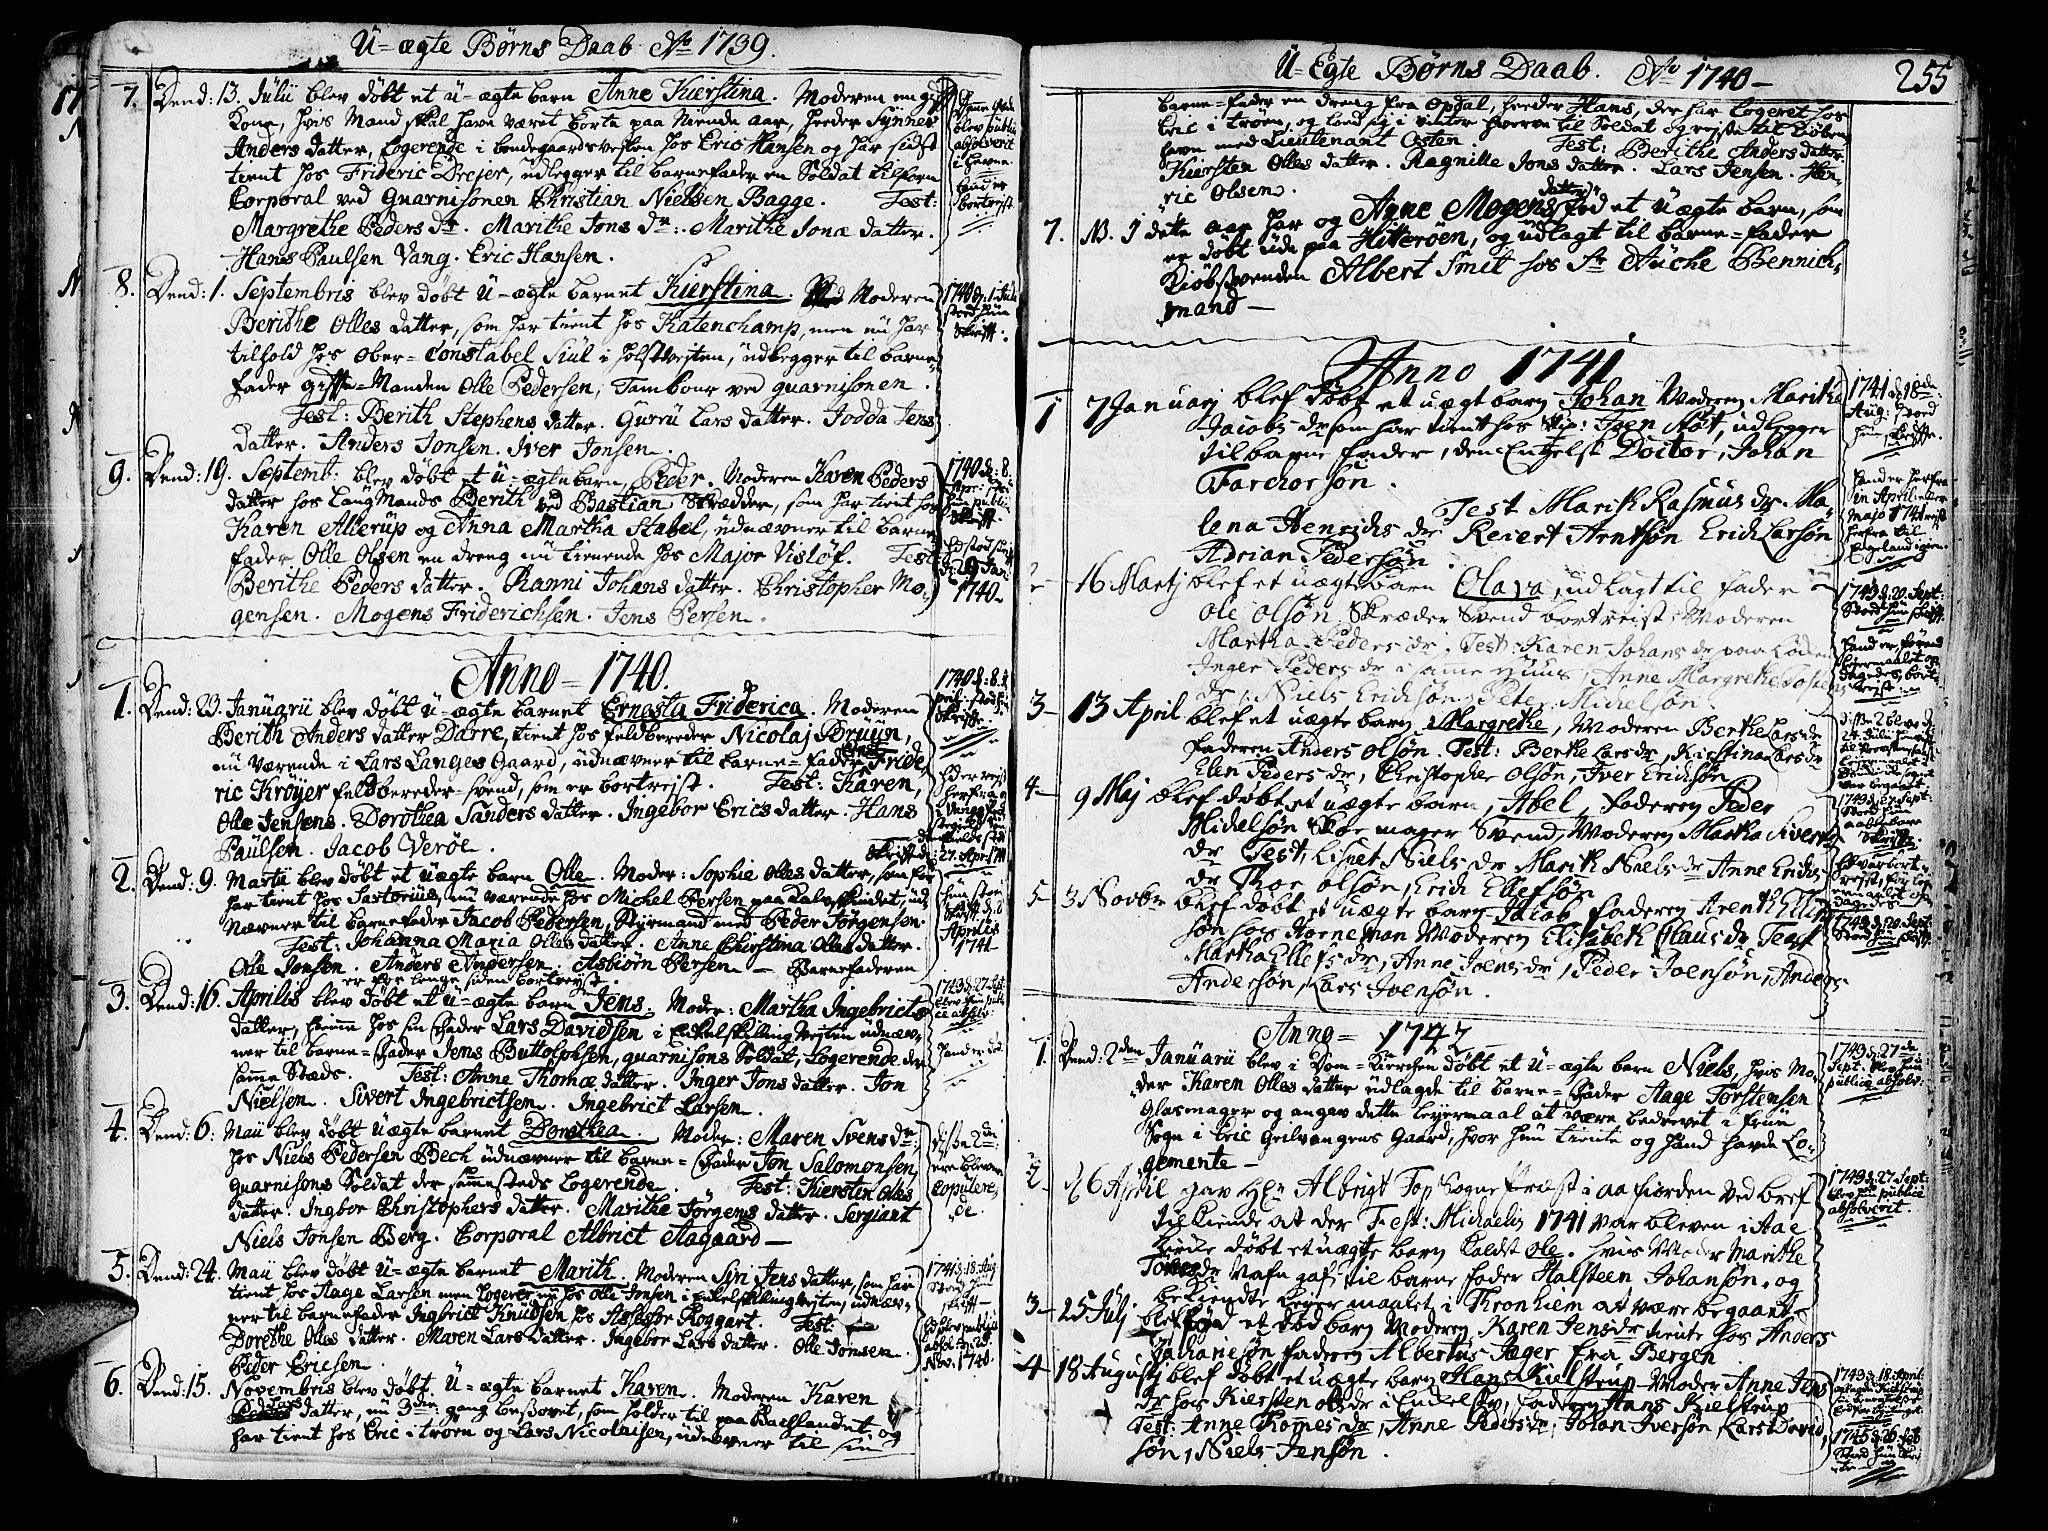 SAT, Ministerialprotokoller, klokkerbøker og fødselsregistre - Sør-Trøndelag, 602/L0103: Ministerialbok nr. 602A01, 1732-1774, s. 255